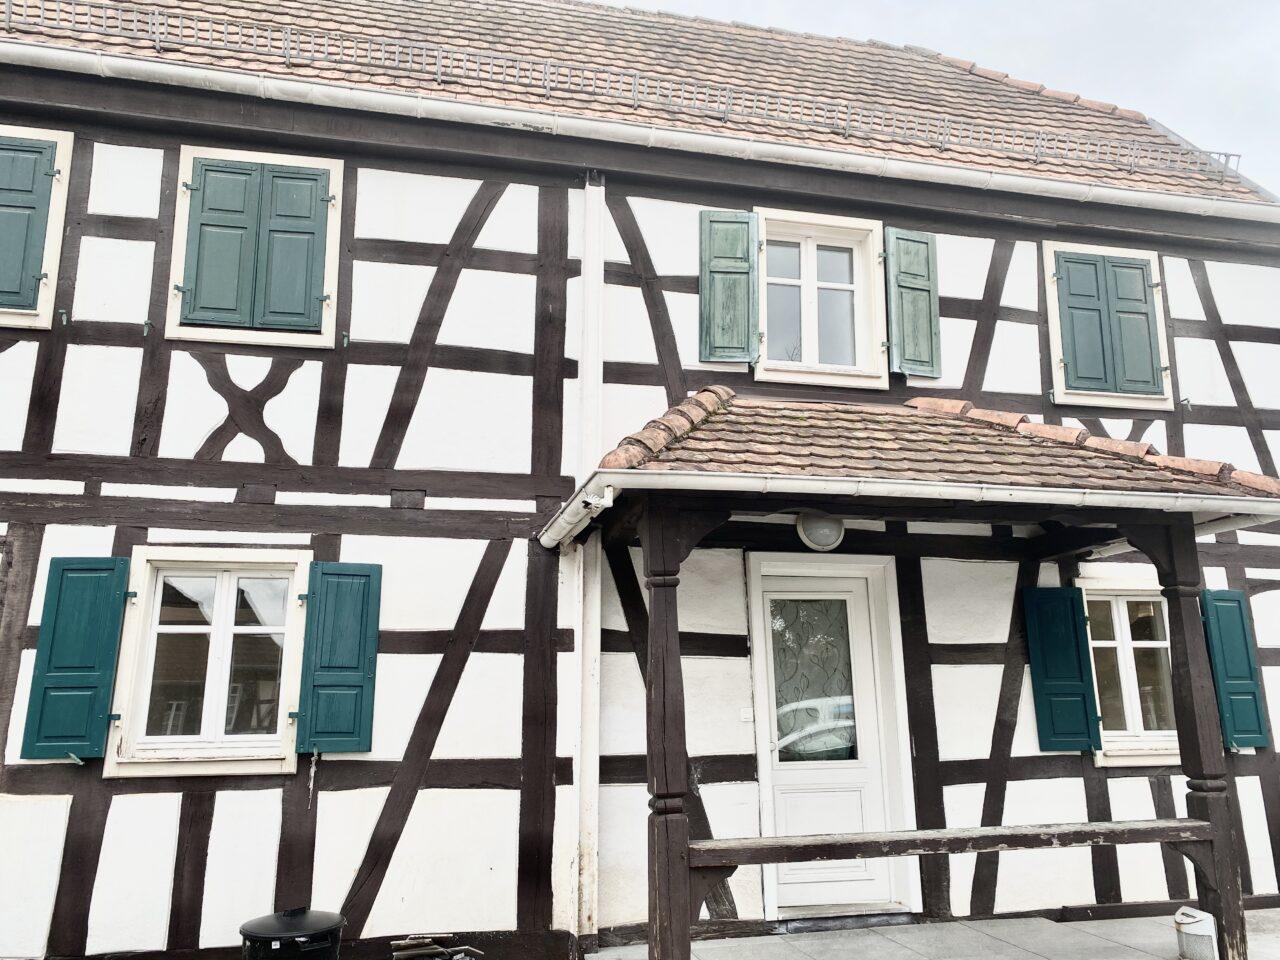 A louer à Betschdorf, belle maison alsacienne